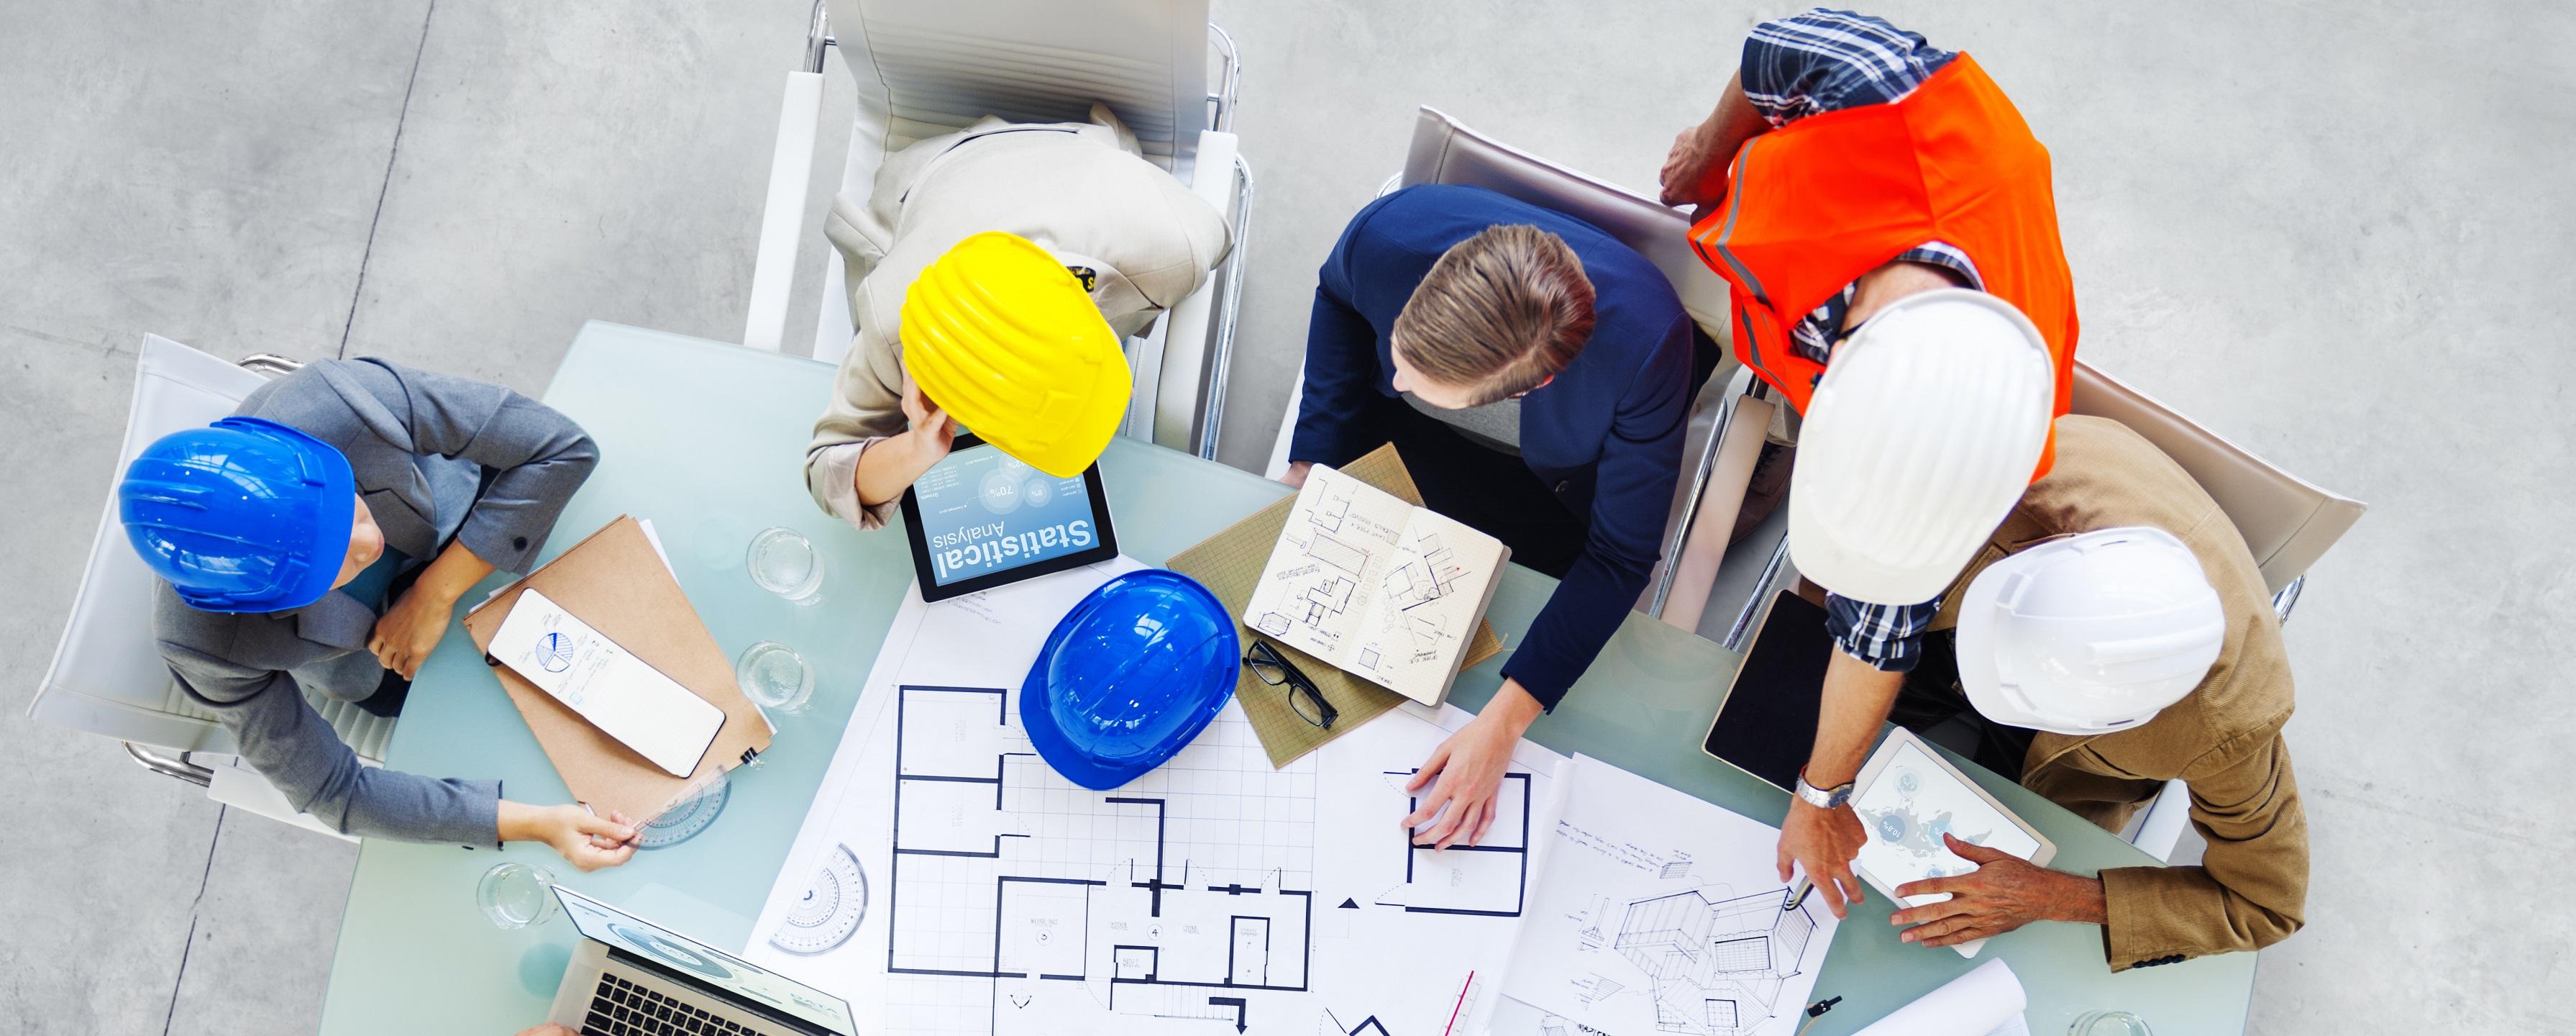 Architectes et concepteurs travaillant au bureau